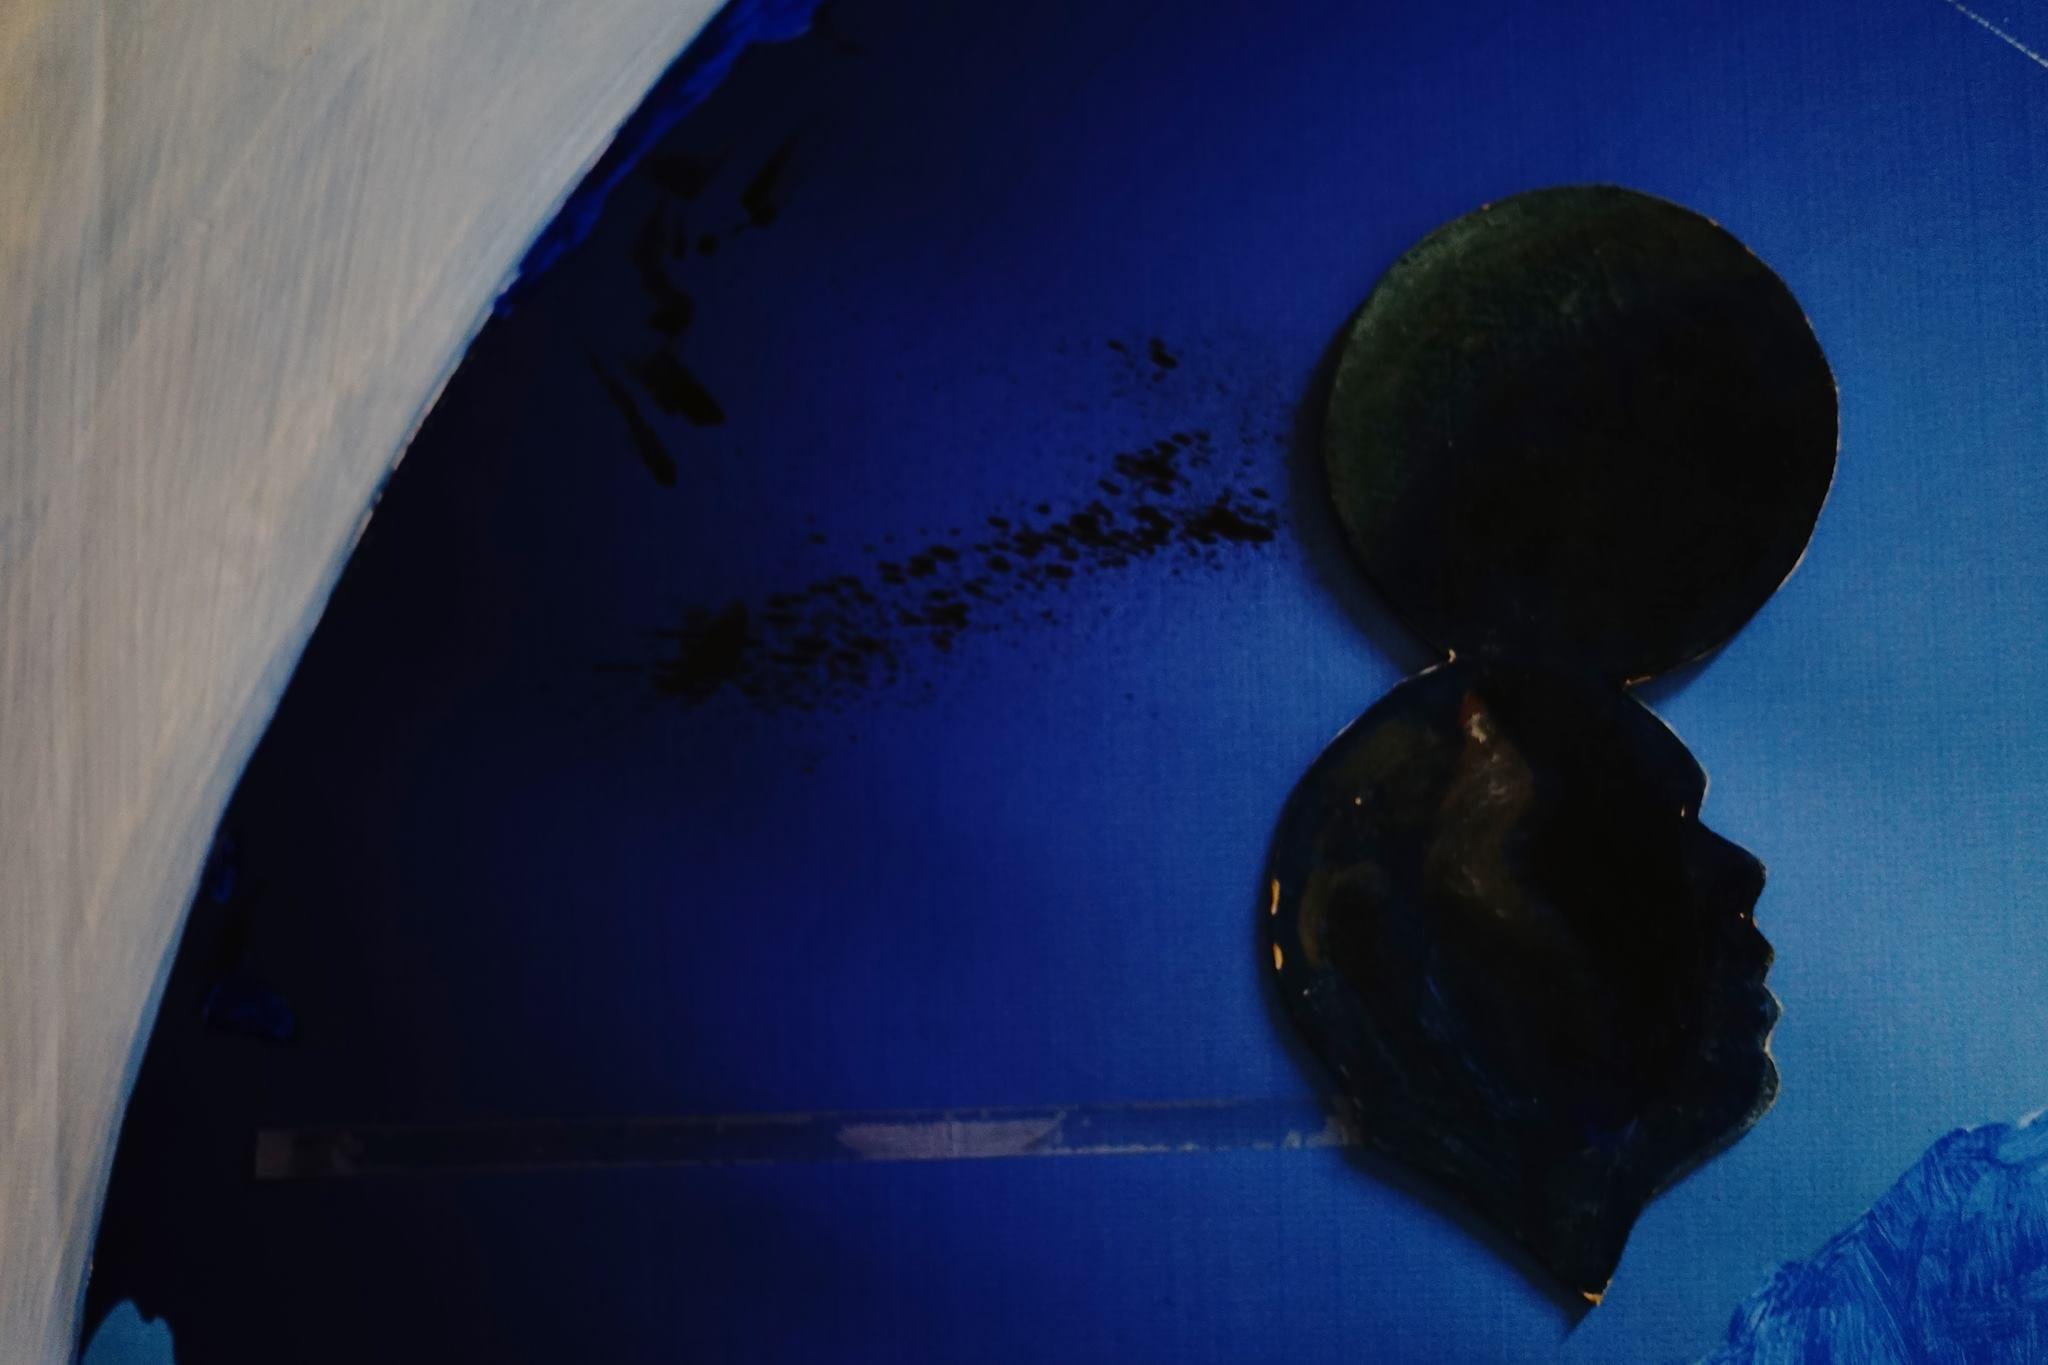 Vernisajul expoziției Măsura lucrurilor de Florin Buta